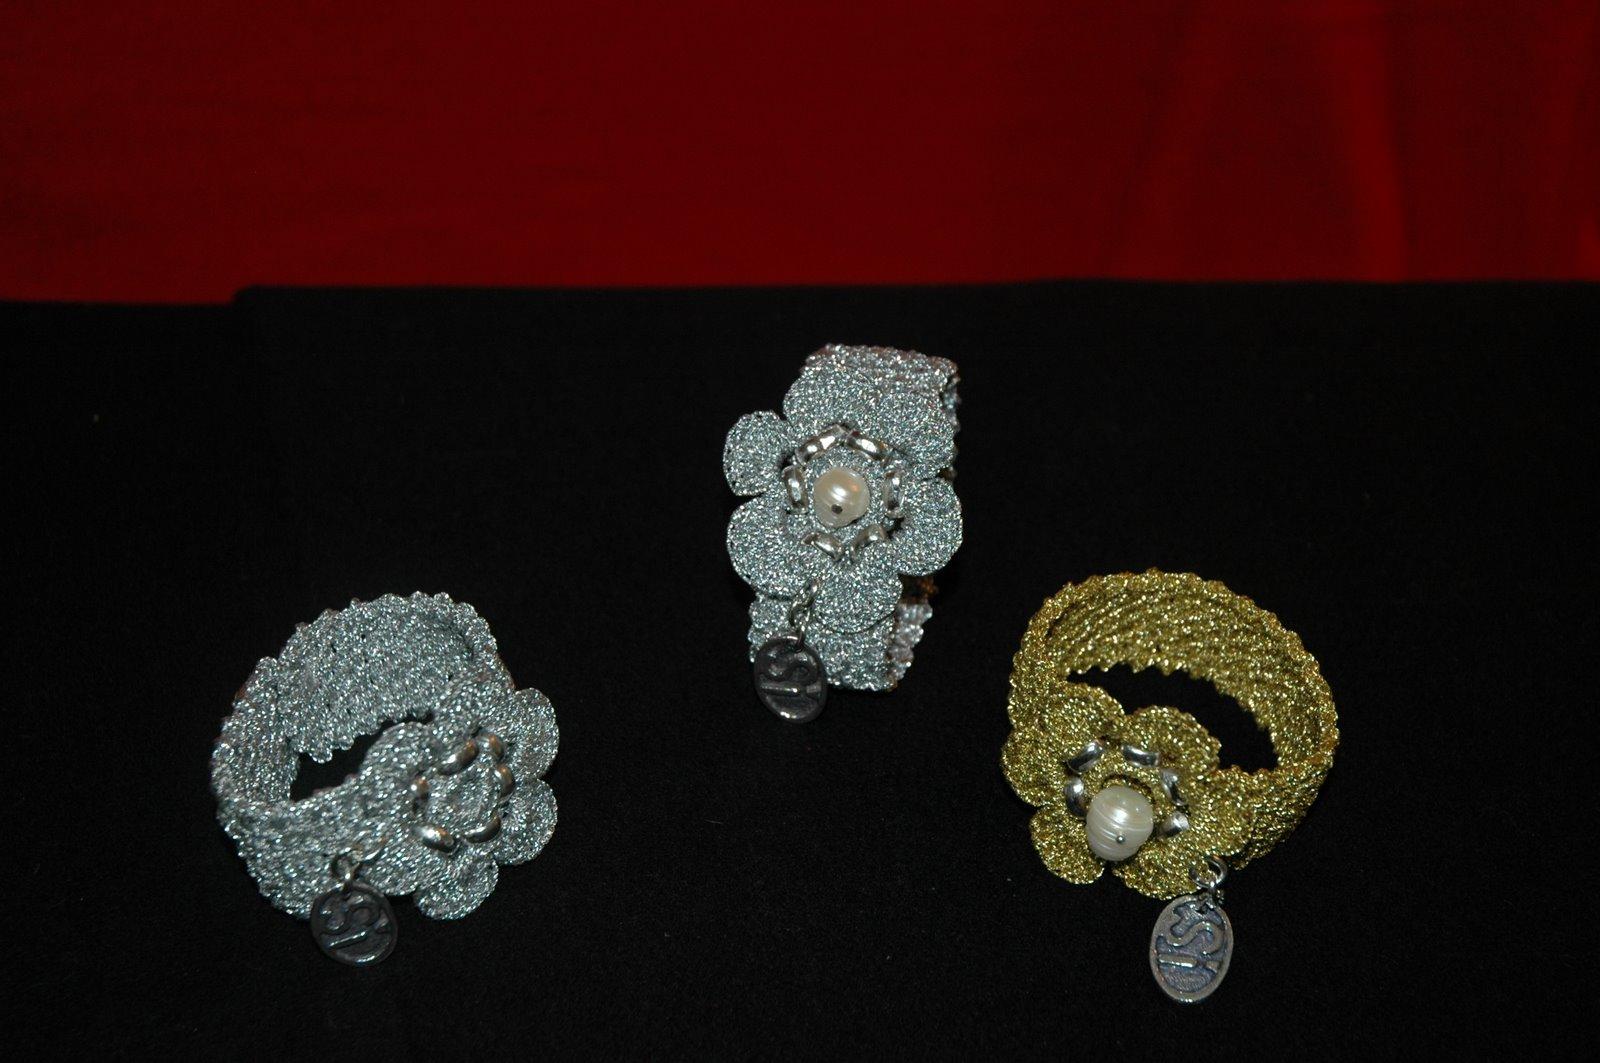 realizadas en crochet con hilo metalizado plateado y dorado con perla